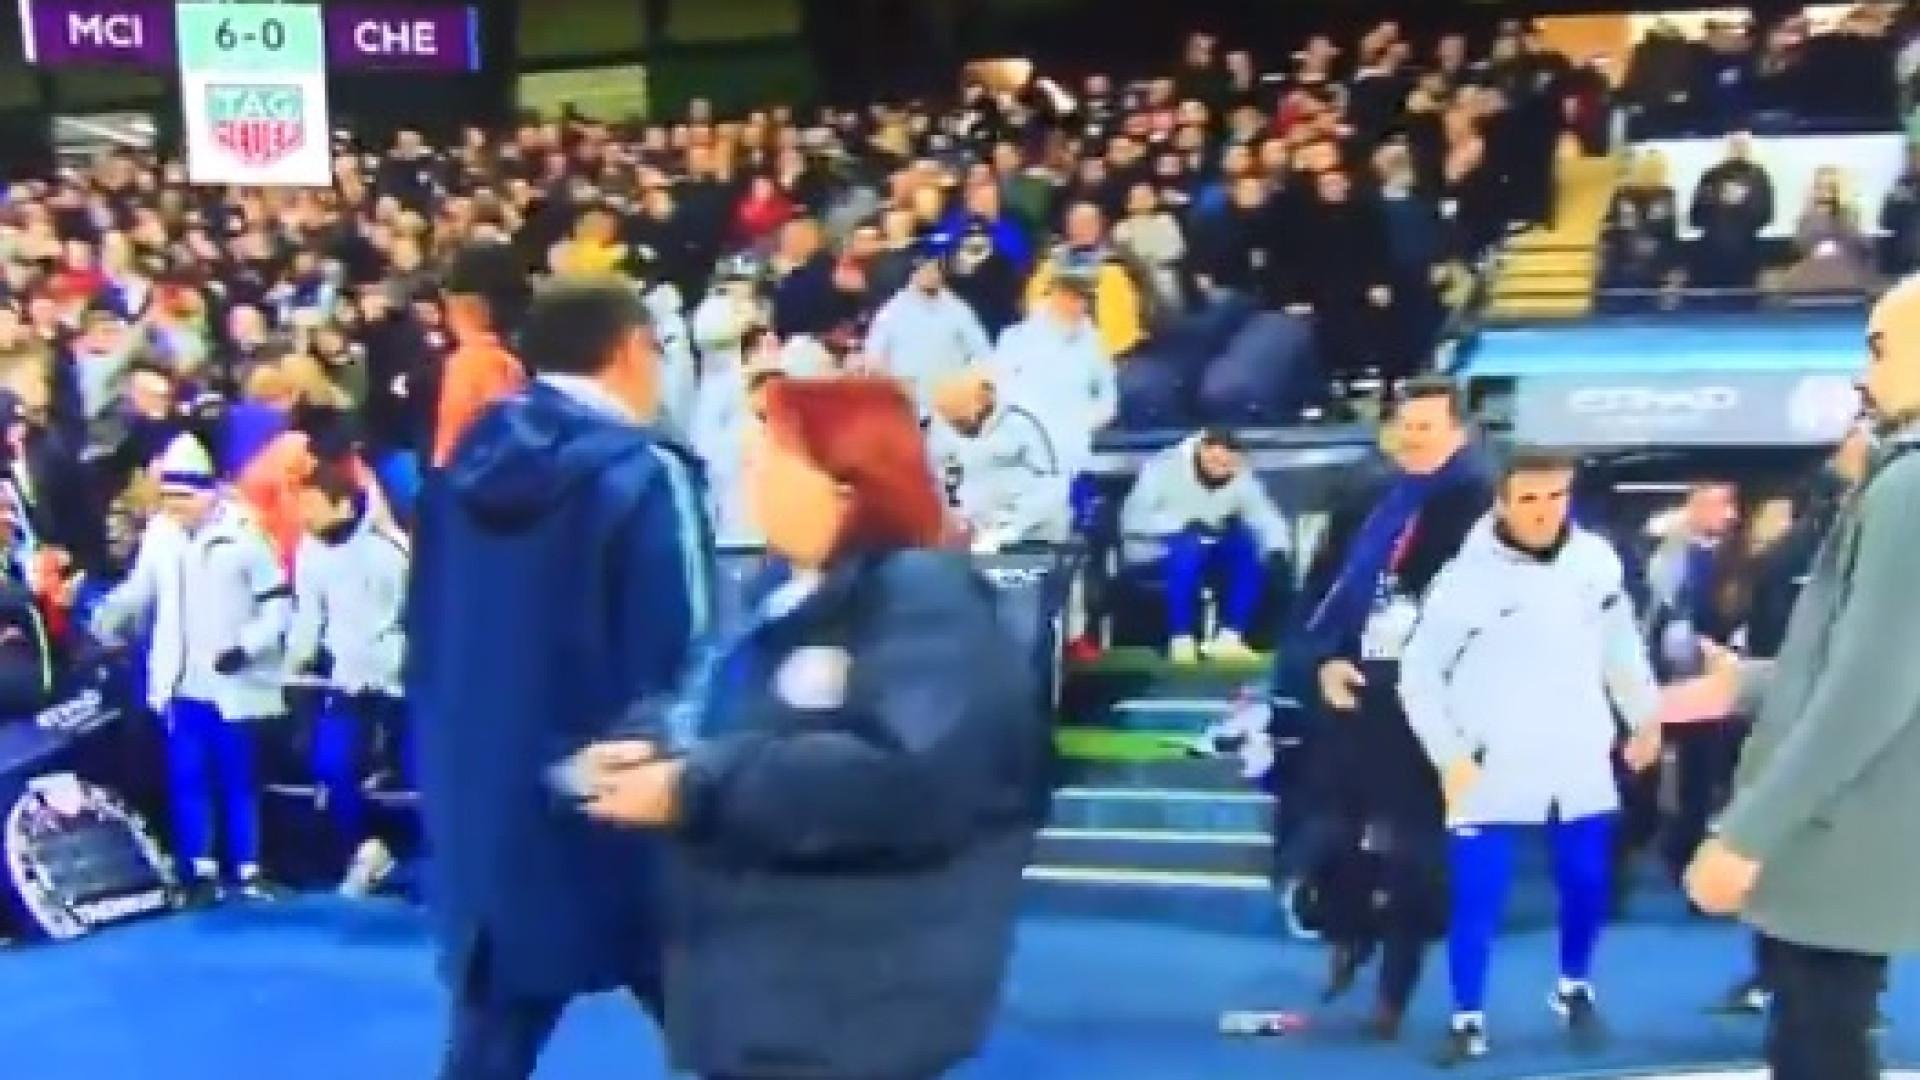 Depois dos 6-0, Sarri deixou Guardiola de mão pendurada